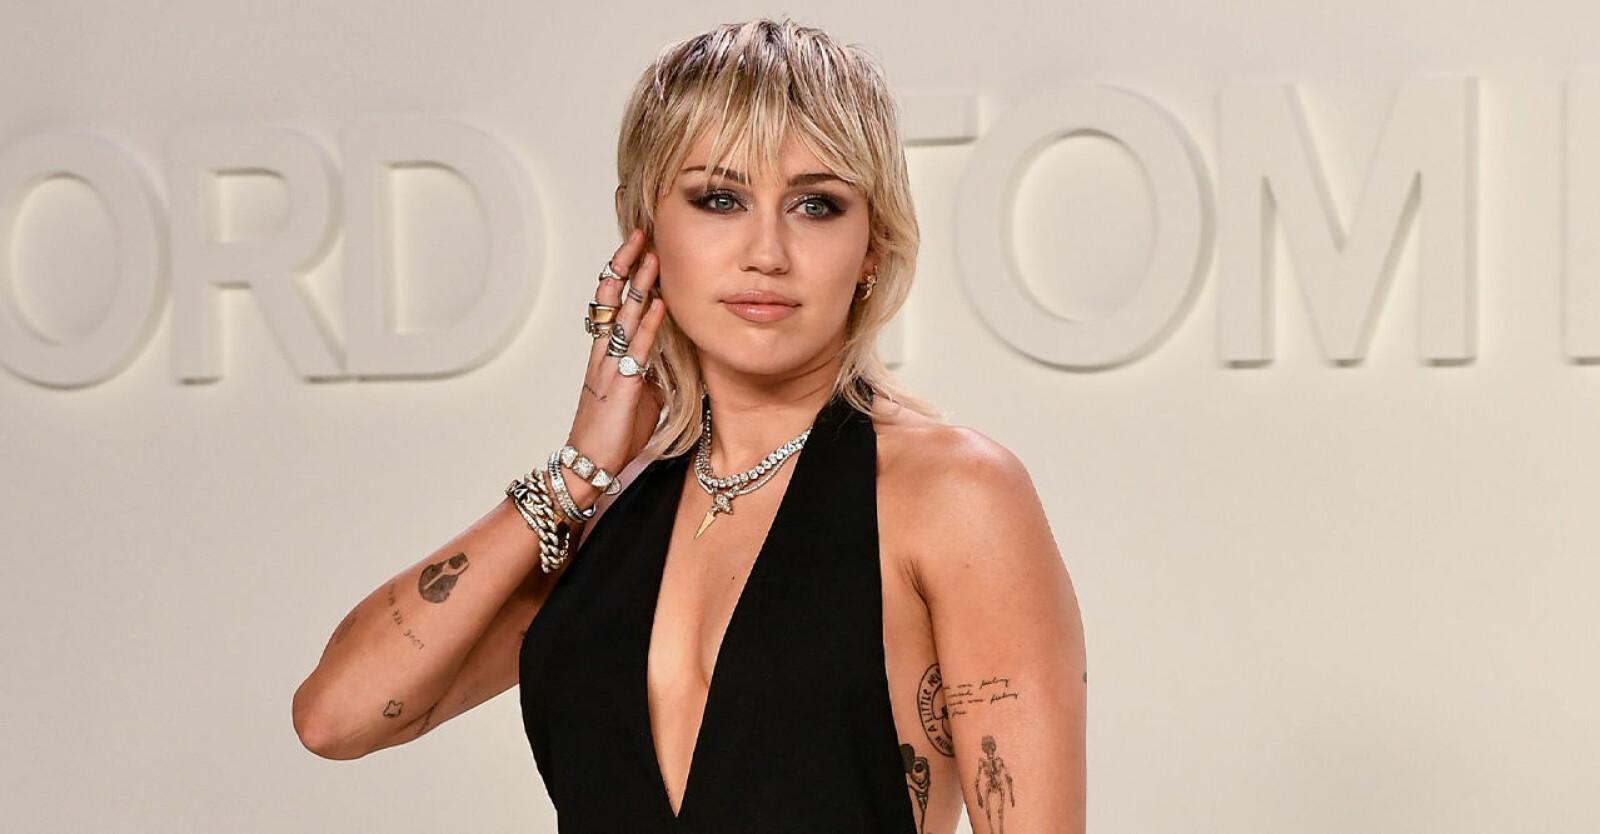 Efter separationen har knappt någon av dem pratat om uppbrottet, men i en ny intervju avslöjar Miley Cyrus i SVT-programmet Skavlan att hon tar sig ur tuffa sorger och trauman genom att konstant röra sig framåt.